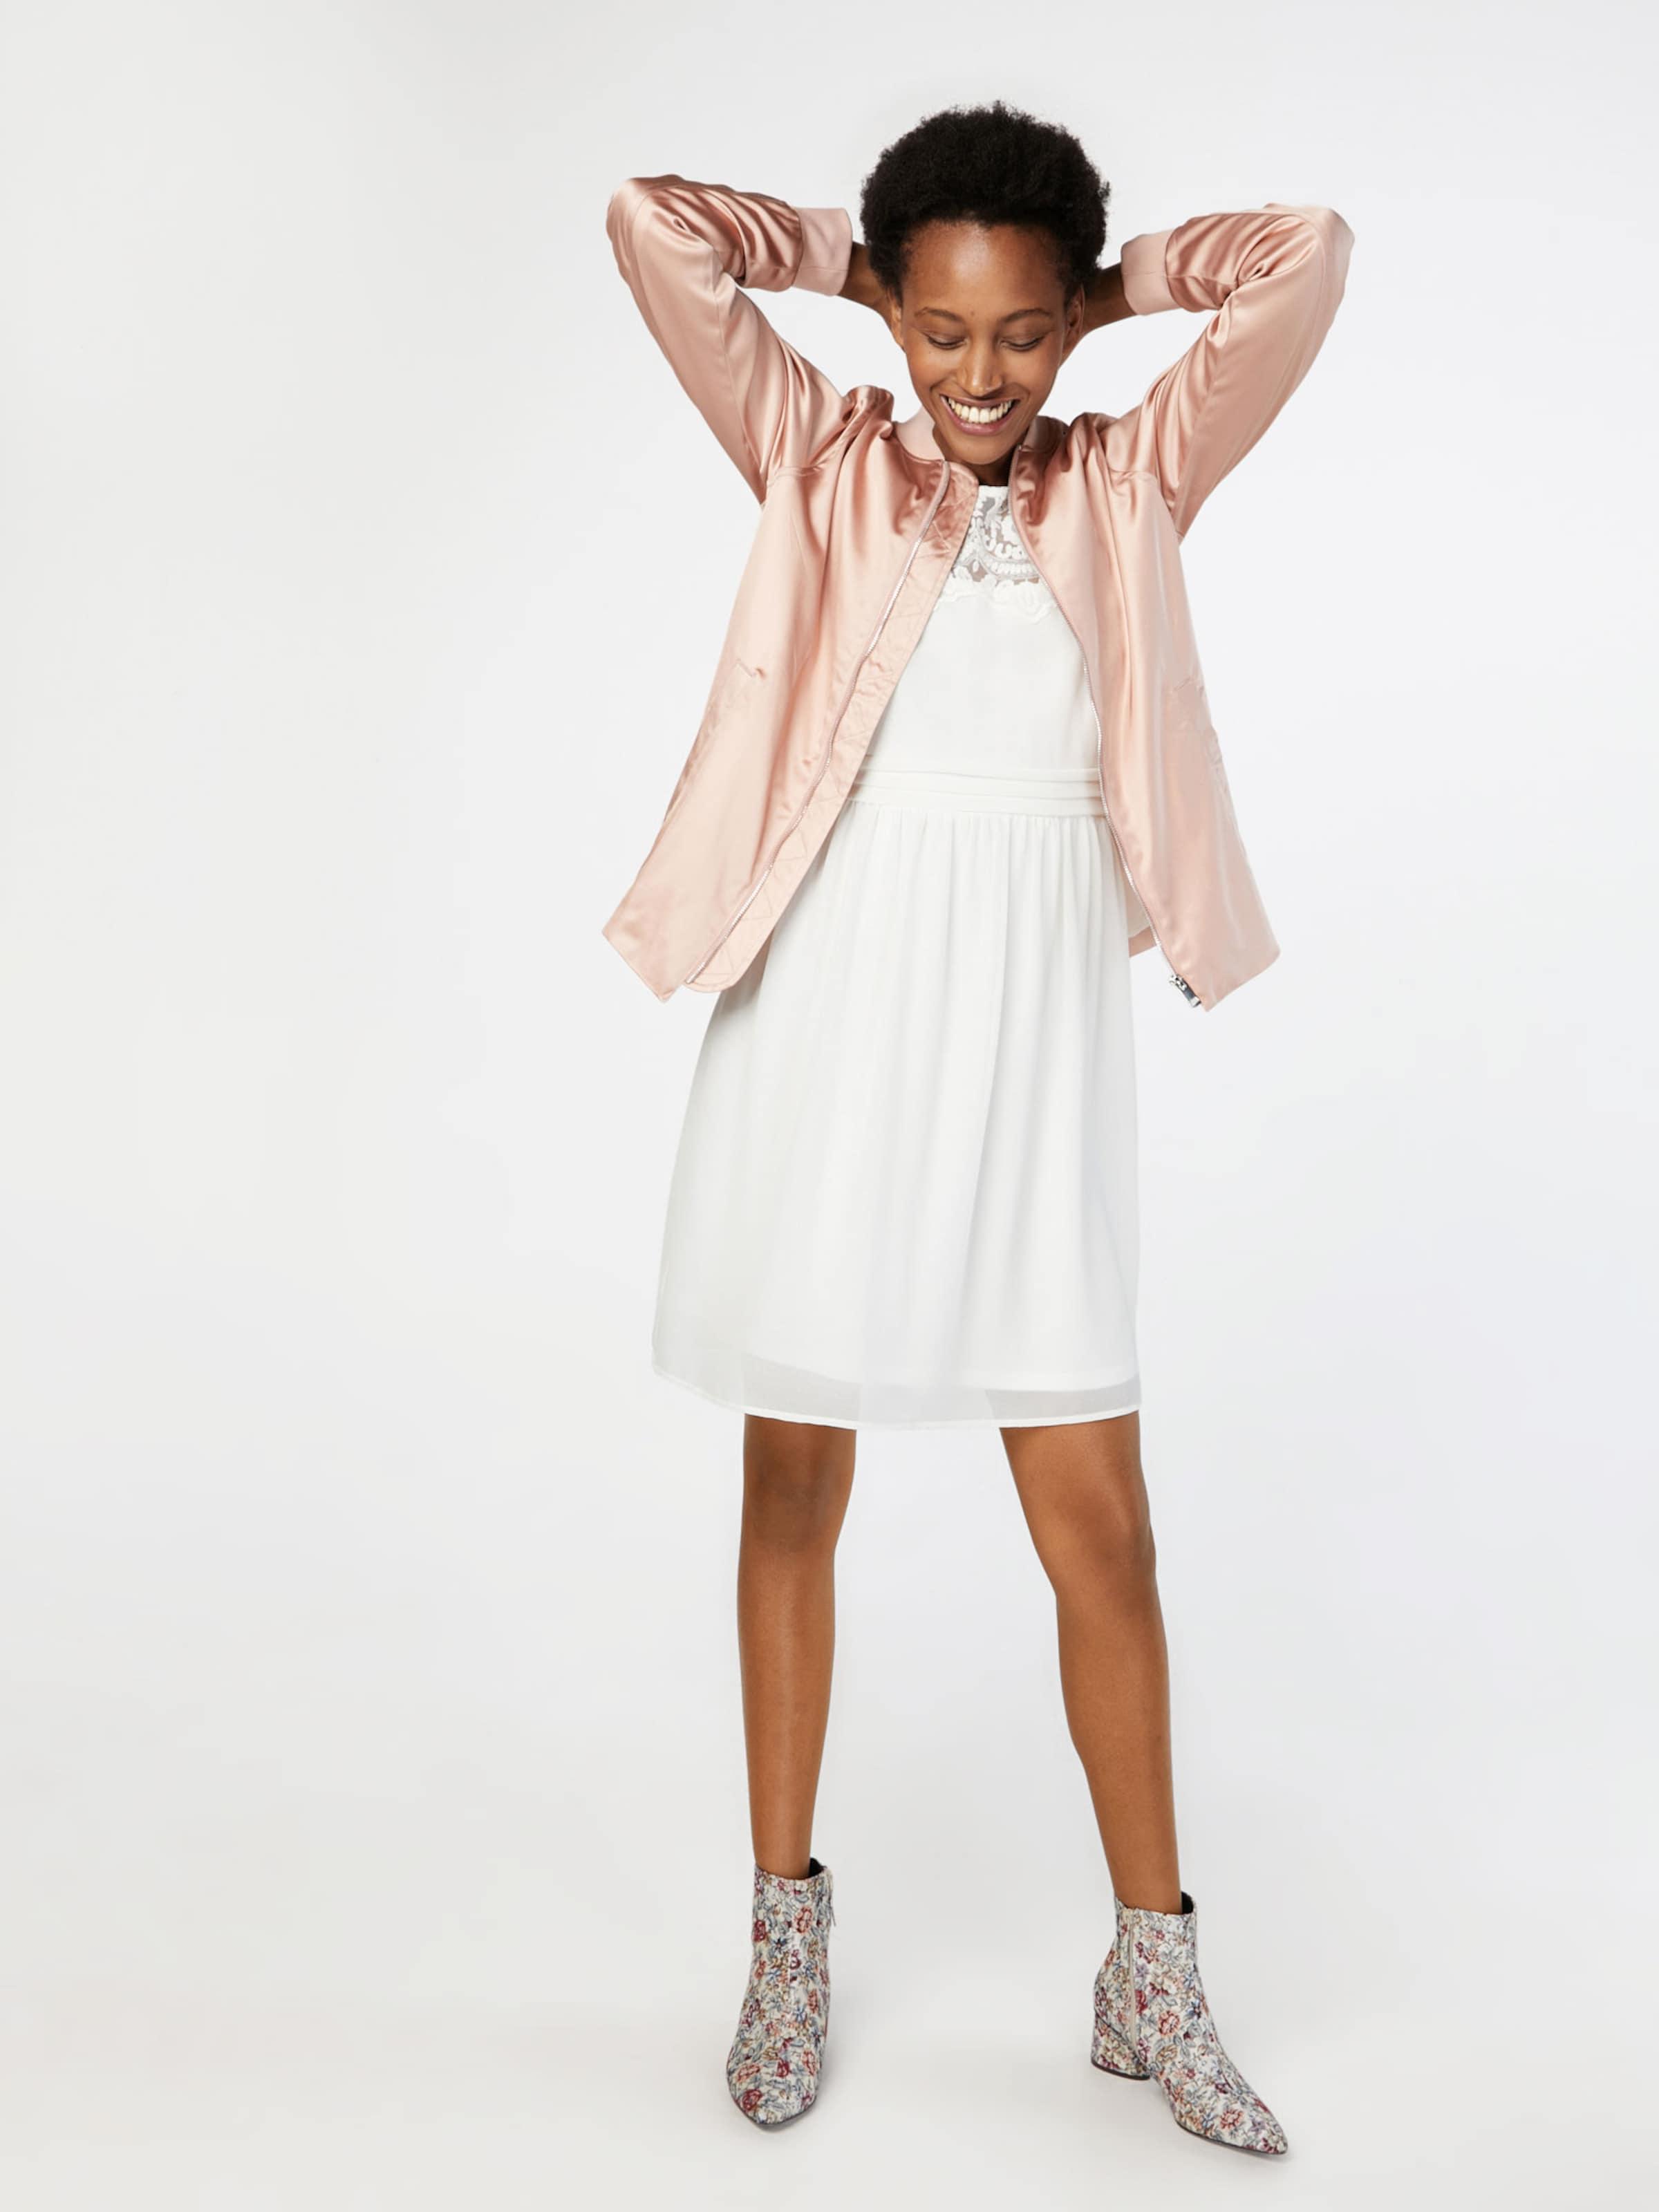 VERO MODA Kleid 'VMVANESSA' Geniue Händler Online Freies Verschiffen Der Suche Nach Rabatt Wählen Eine Beste Auslass Für Billig Großhandelspreis Online C0F7ygeewP